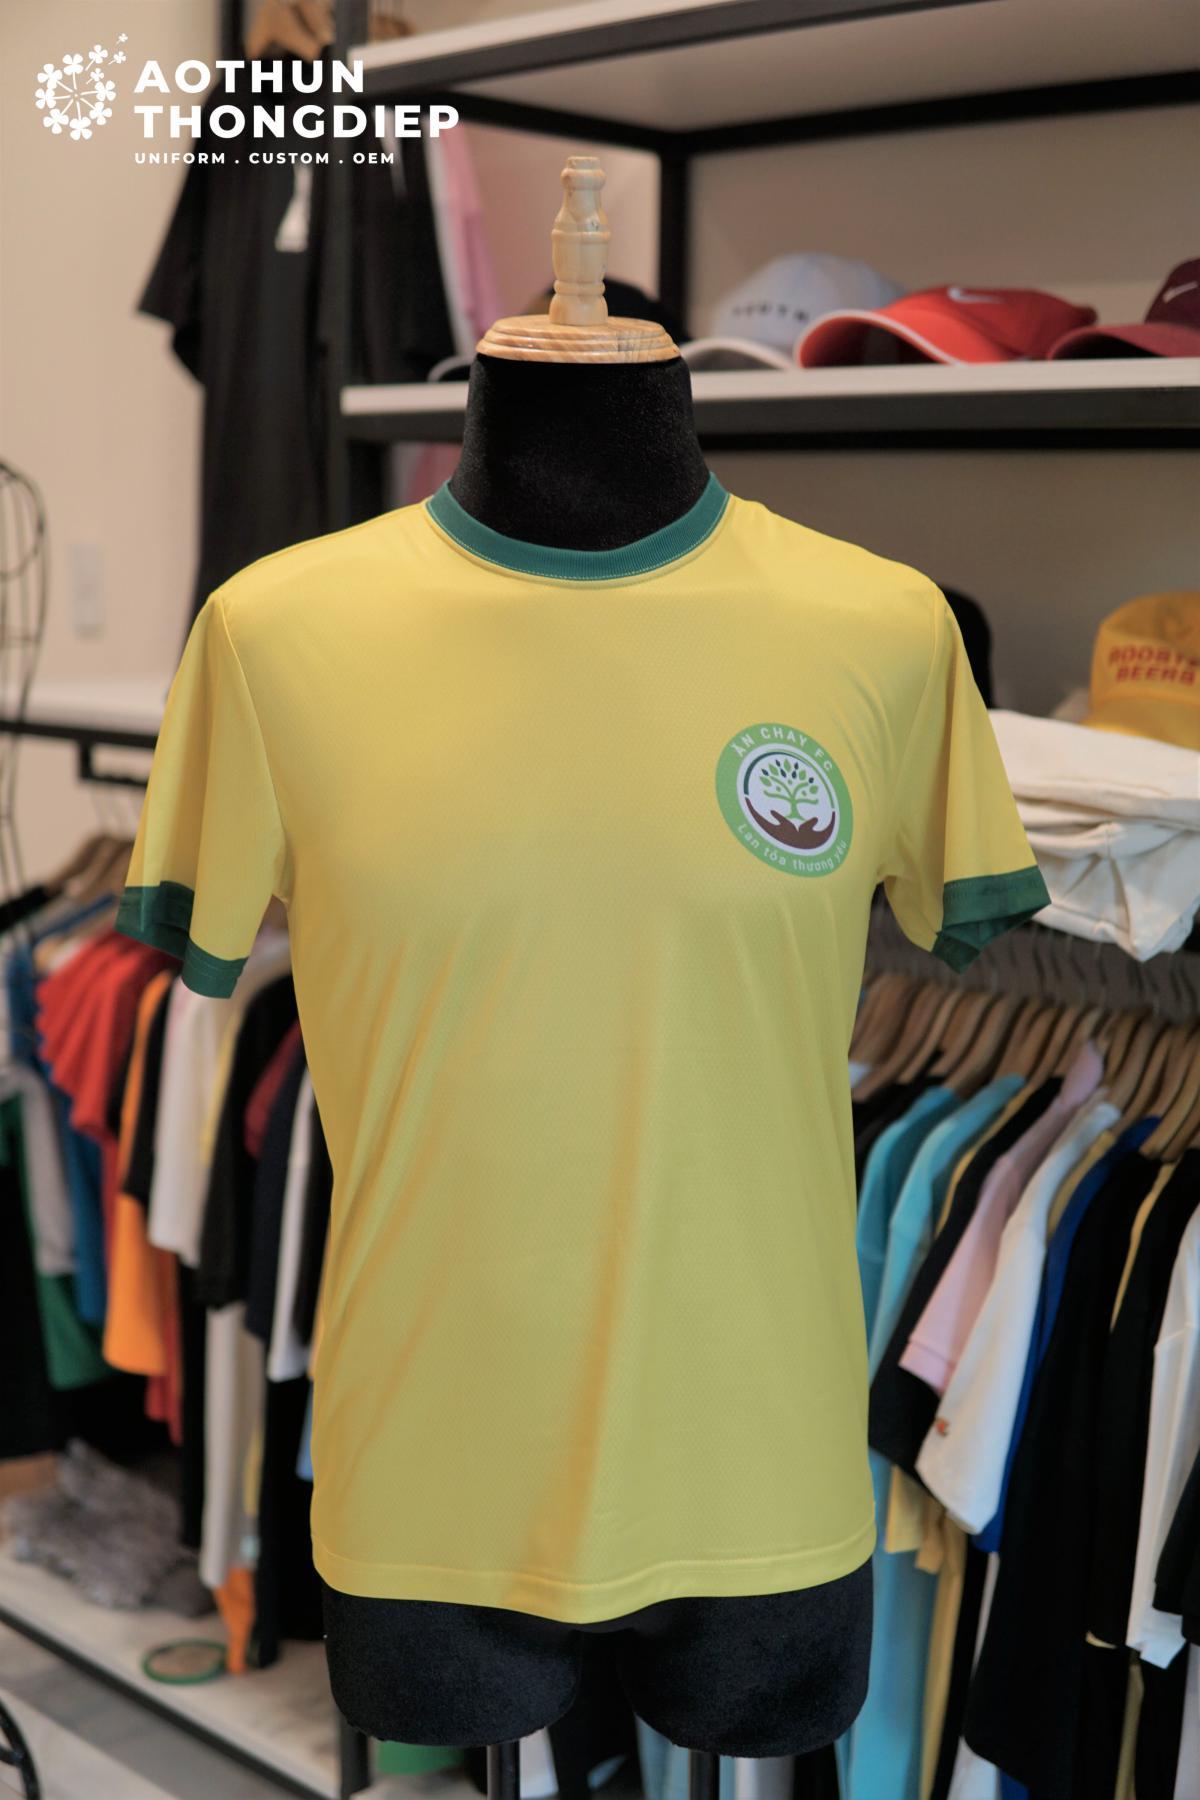 In áo thun đồng phục câu lạc bộ bóng đá Ăn chay FC #2